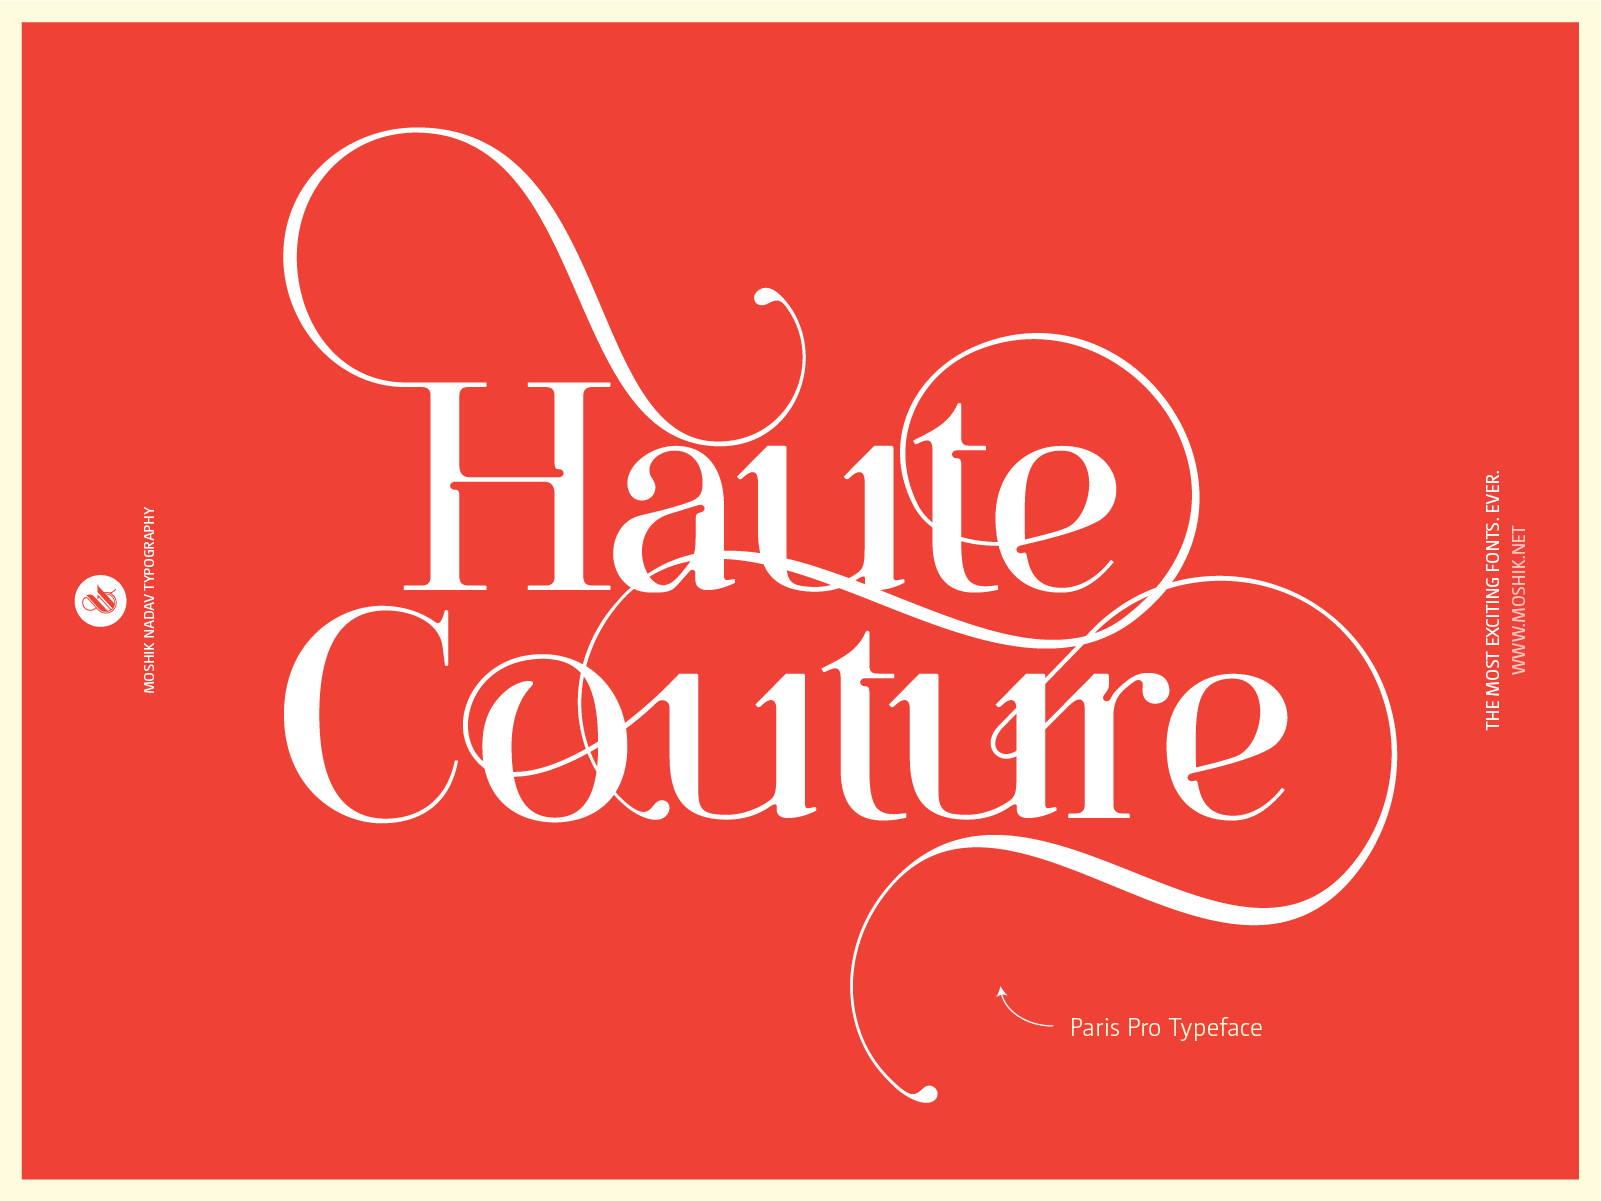 Haute Couture, Paris Pro Typeface, fashion fonts, fashion typography, vogue fonts, must have fonts for fashion, best fonts 2021, must have fonts 2021, Fashion logos, vogue fonts, fashion magazine fonts, sexy logos, sexy fashion logo, fashion ligatures